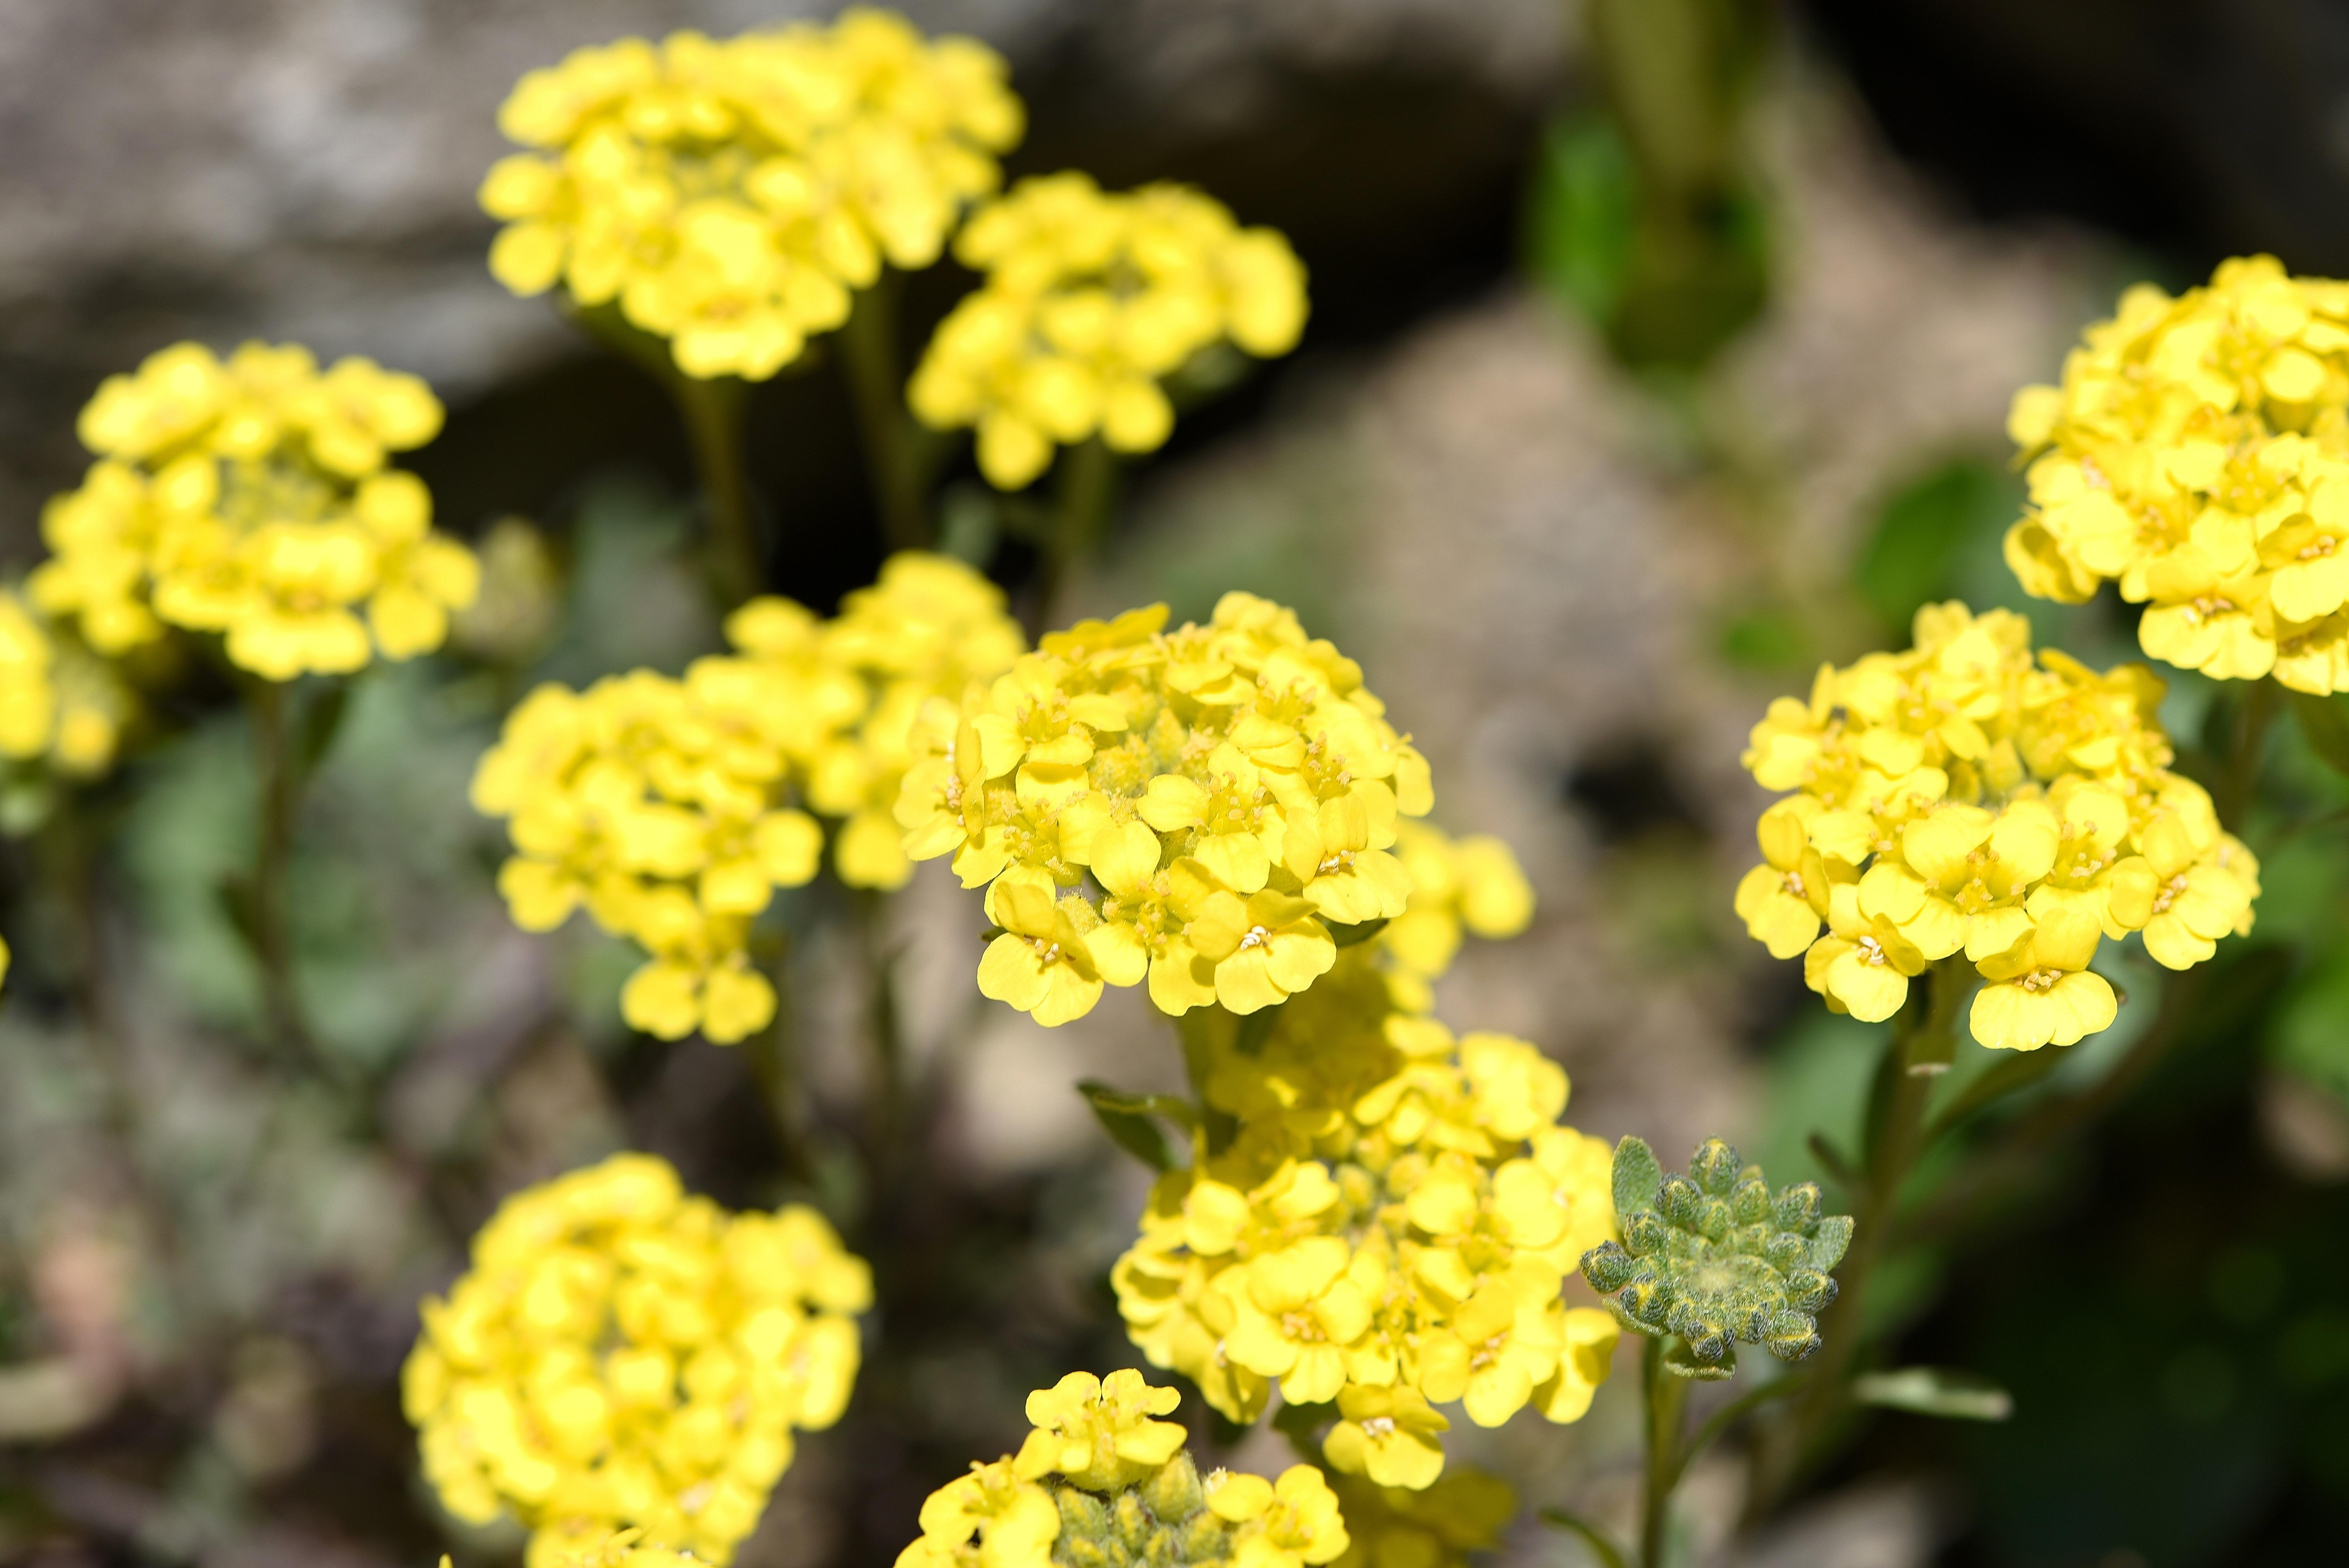 Fleurs sauvages de printemps jaunes - Arbuste floraison printaniere jaune ...